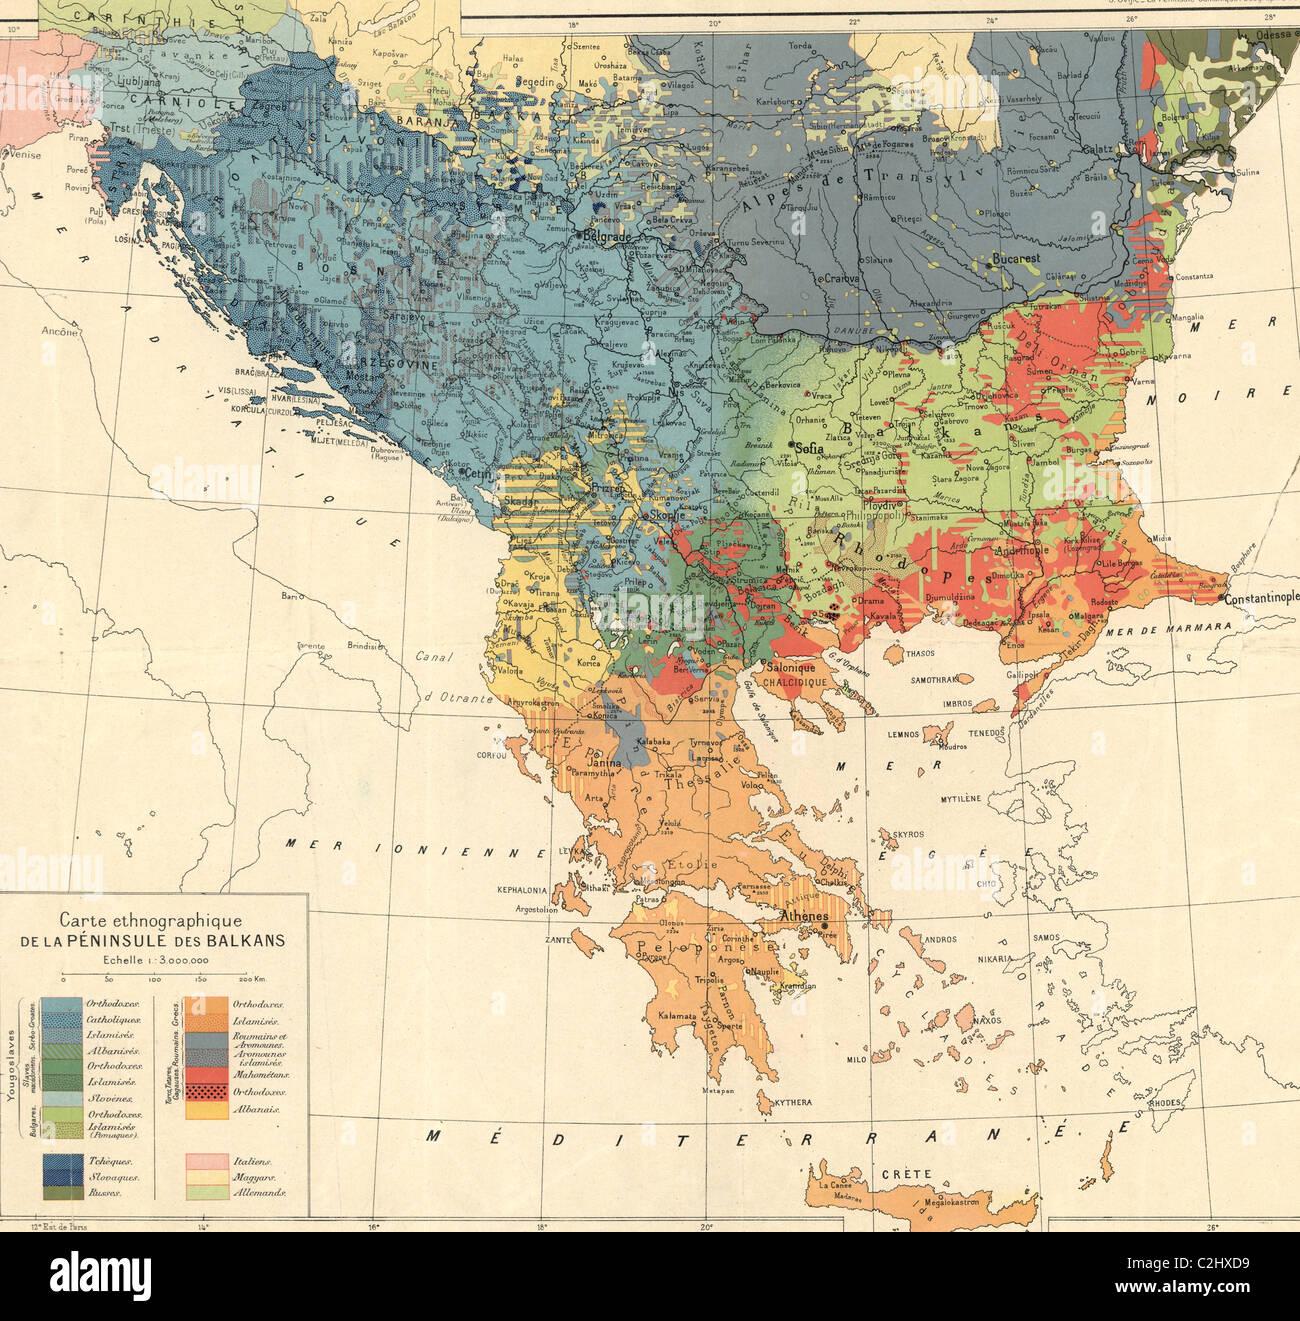 ethnographic map of the balkan peninsula  . ethnographic map of the balkan peninsula   stock photo